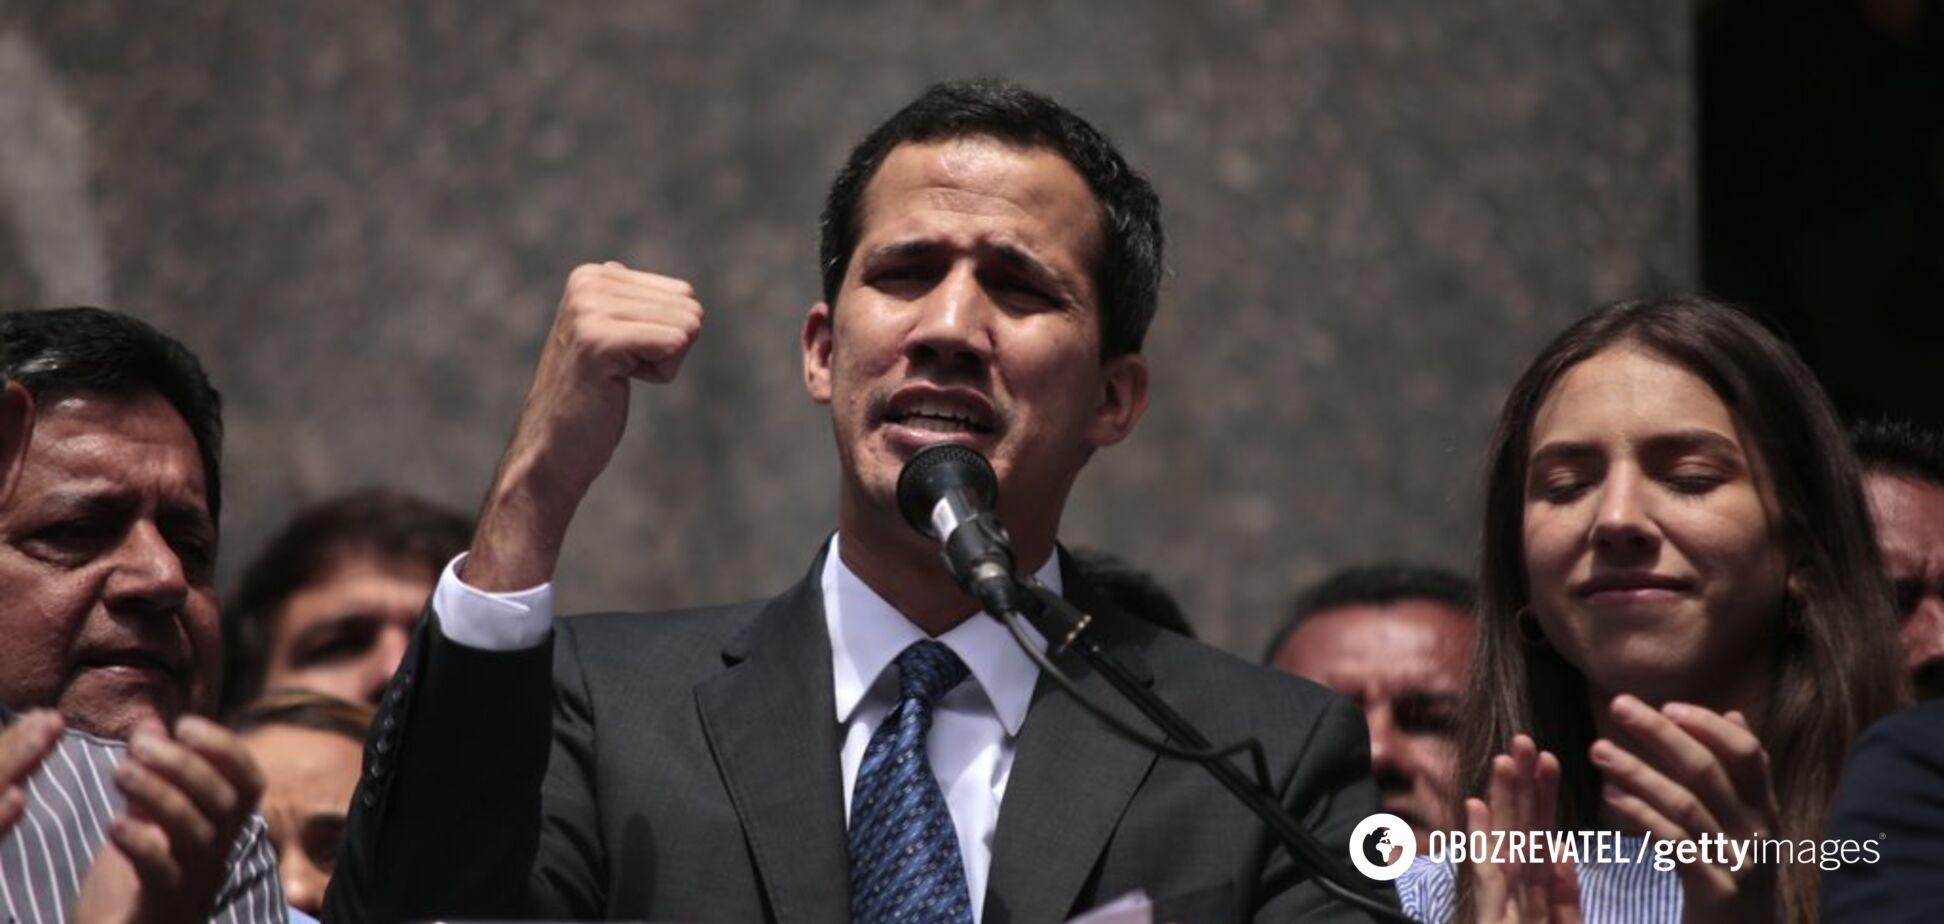 Новий глава Венесуели готує Мадуро ''військовий сюрприз'': у чому справа